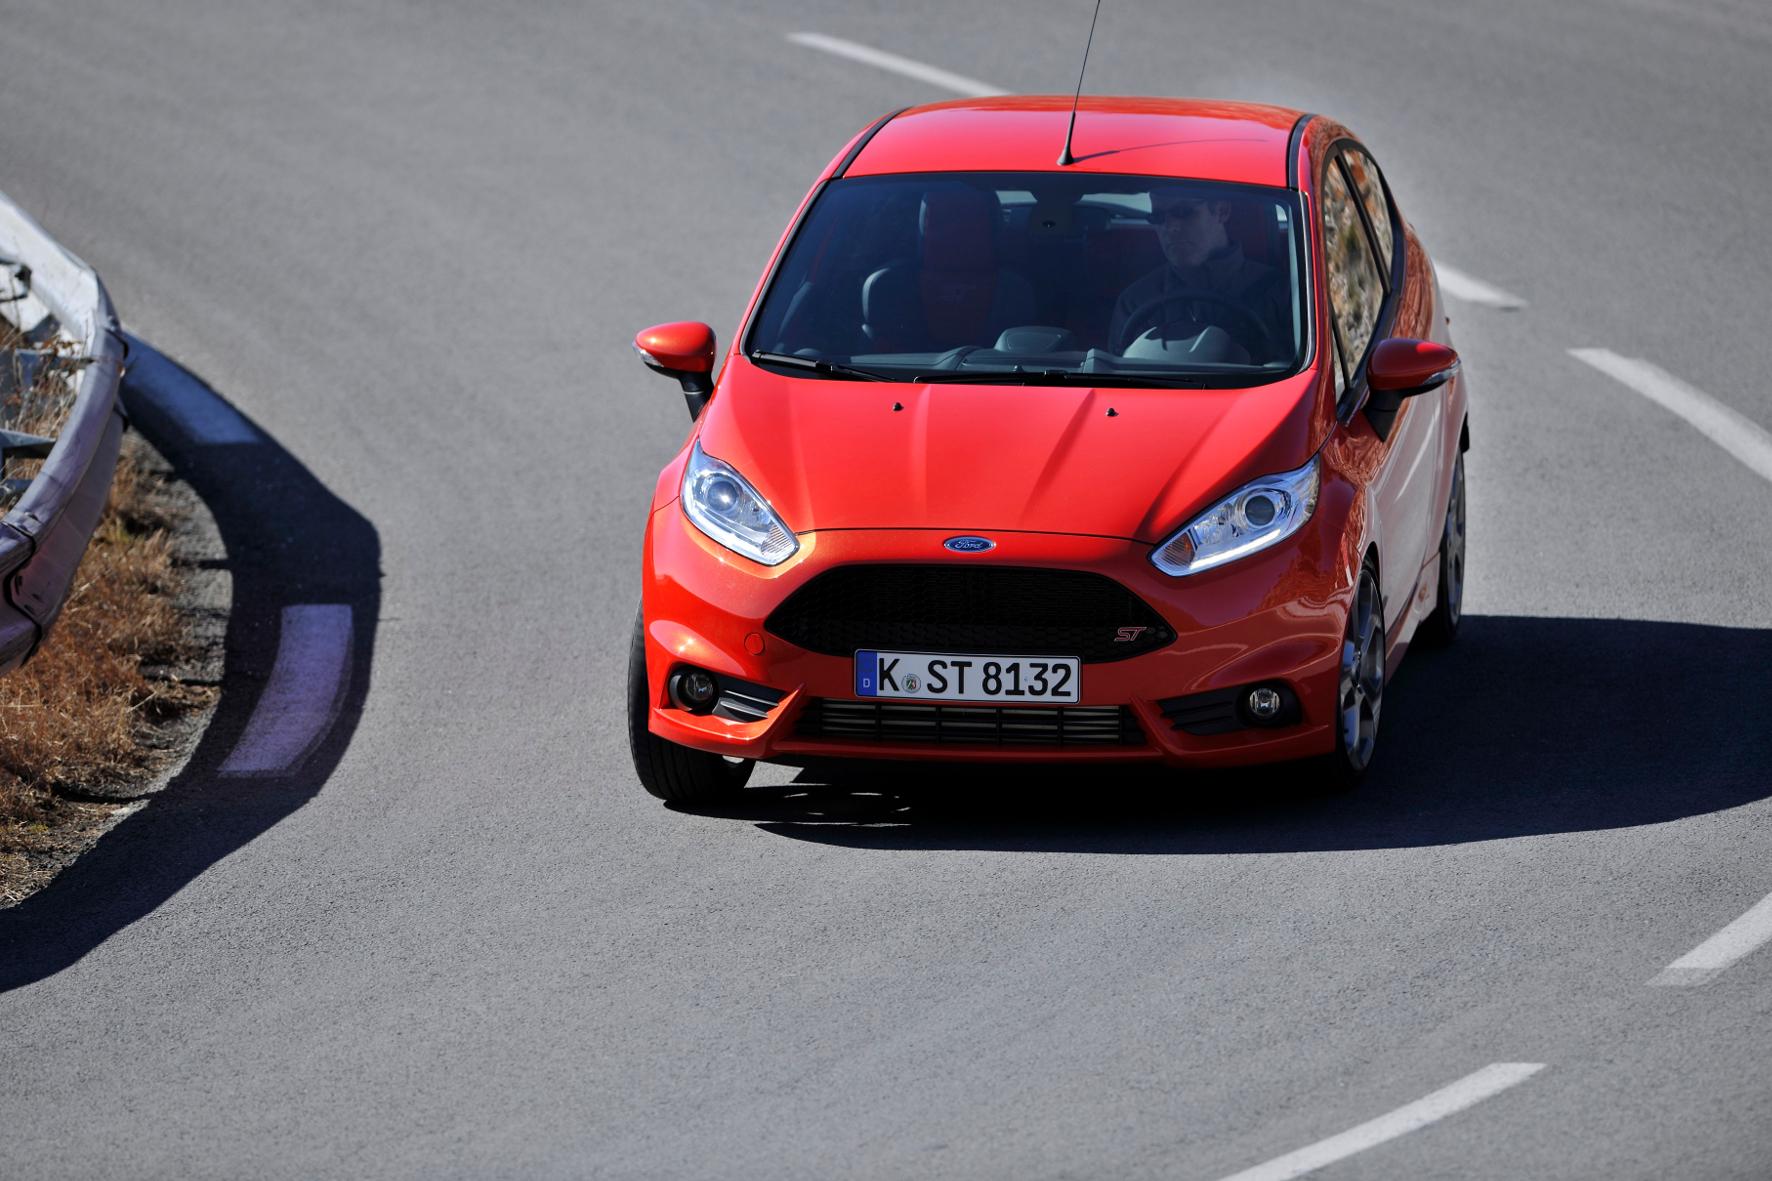 mid Groß-Gerau - Upgrade für den Fahrspaß-Fiesta: Die Sportvariante ST des Kleinwagens von Ford gibt es künftig auch als Fünftürer.